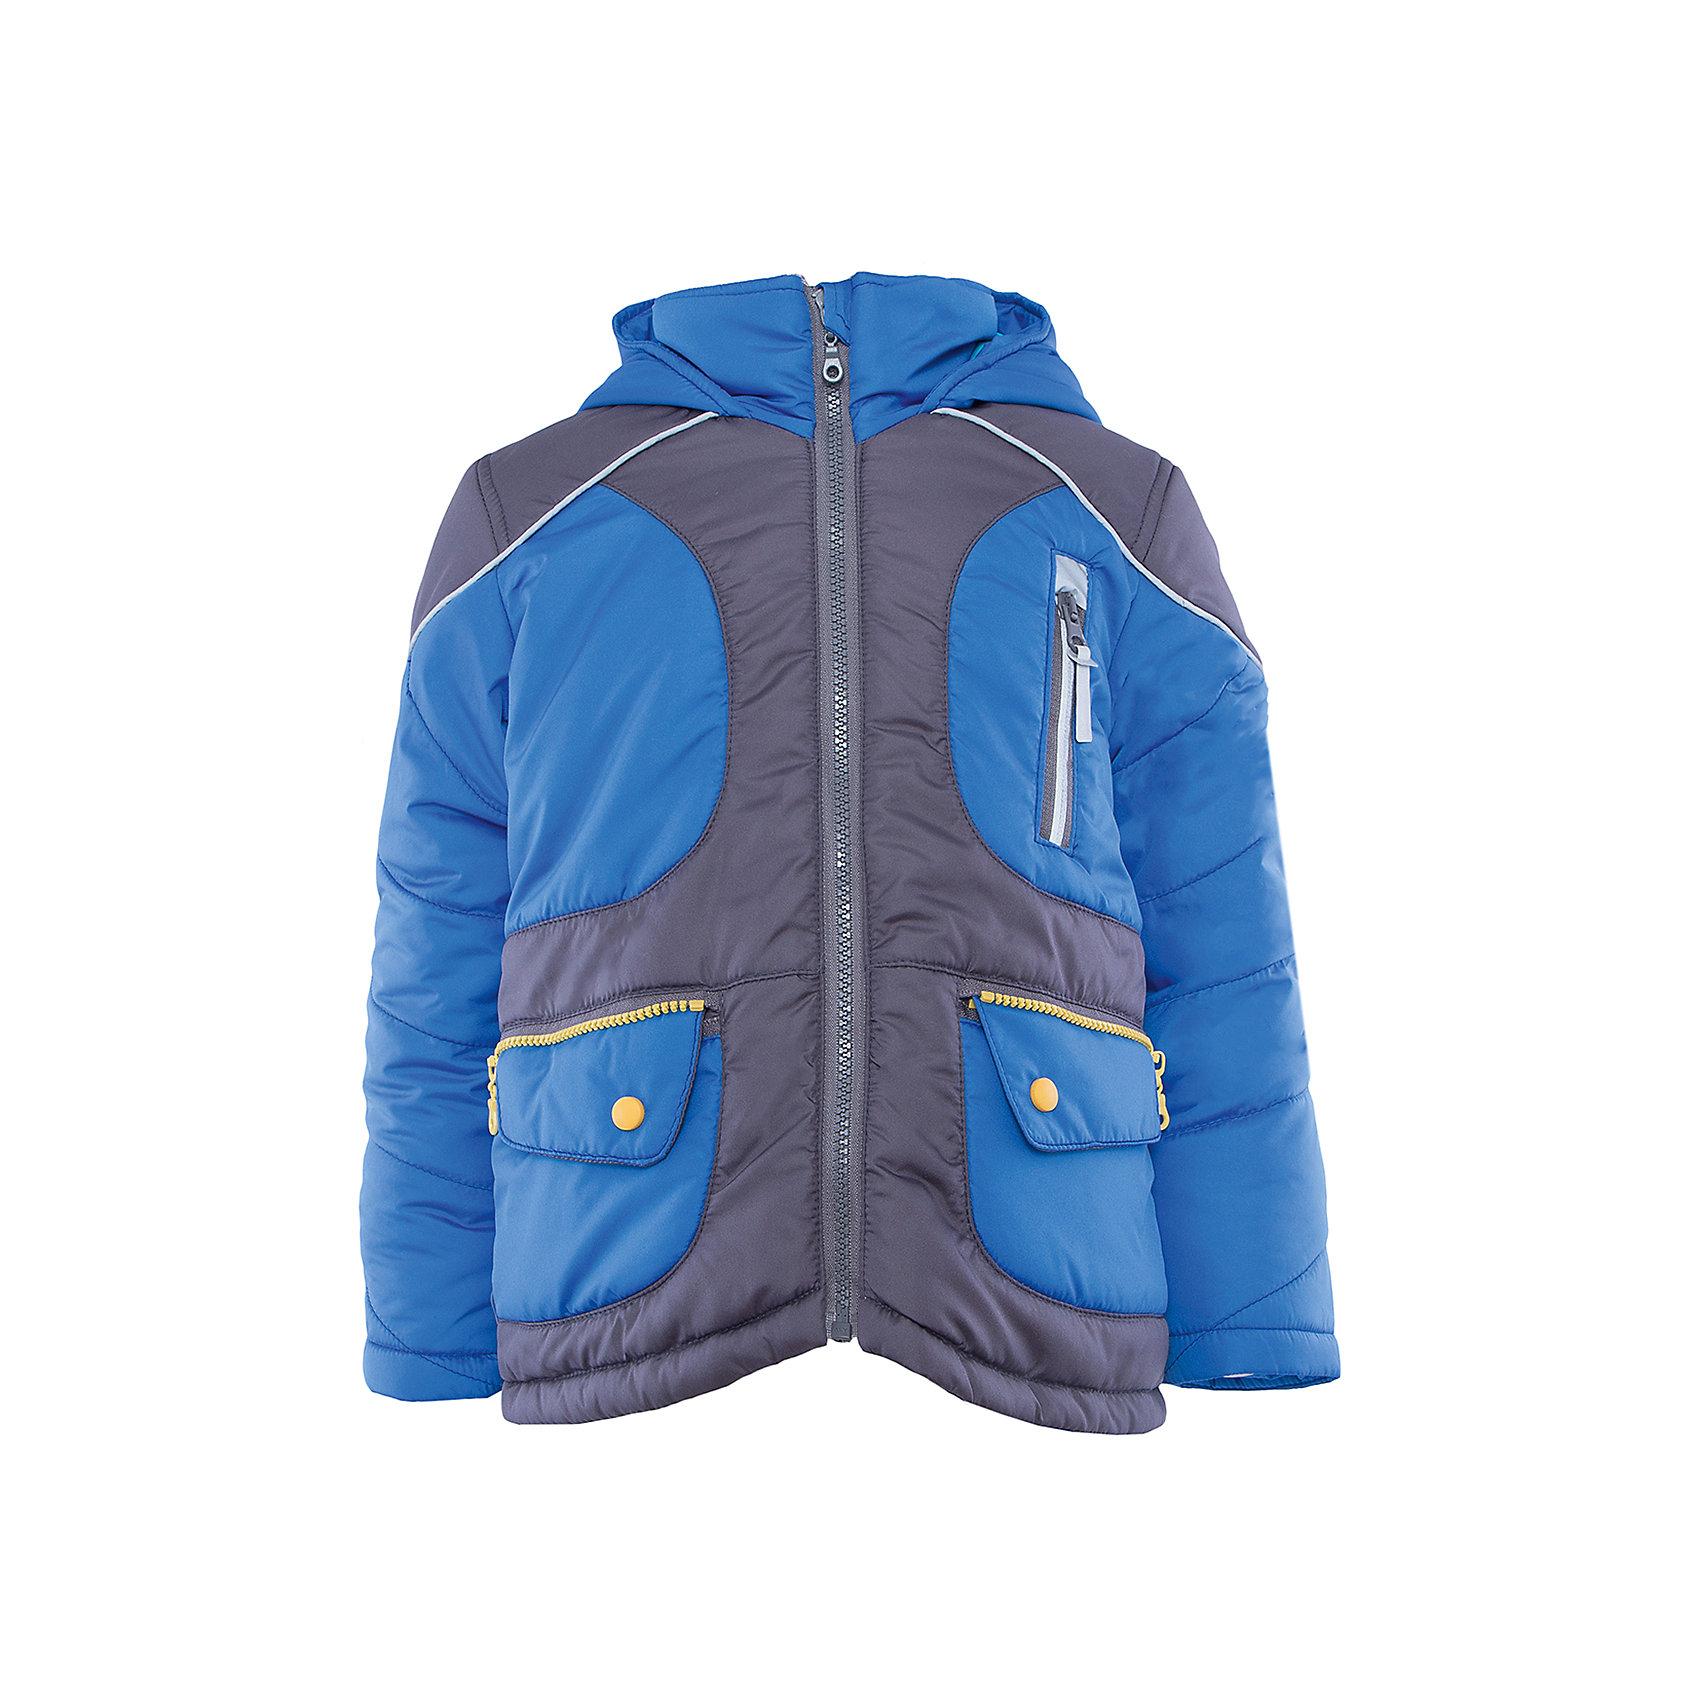 Куртка для мальчика АртельКуртка для мальчика от известного бренда Артель<br>Осенняя удлиненная куртка прямого силуэта с отворотами на рукавах. Глубокий втачной капюшон, трикотажные напульсники на рукавах - создадут дополнительную защиту от холода и ветра. По бокам есть удобные накладные карманы, по линии талии расположена регулируемая кулиска. <br>Состав:<br>Верх: Dewspo 240FD<br>Подкладка: тиси<br>Утеплитель: термофайбер 200гр<br><br>Ширина мм: 356<br>Глубина мм: 10<br>Высота мм: 245<br>Вес г: 519<br>Цвет: голубой<br>Возраст от месяцев: 36<br>Возраст до месяцев: 48<br>Пол: Мужской<br>Возраст: Детский<br>Размер: 104,128,122,116,110<br>SKU: 4963660